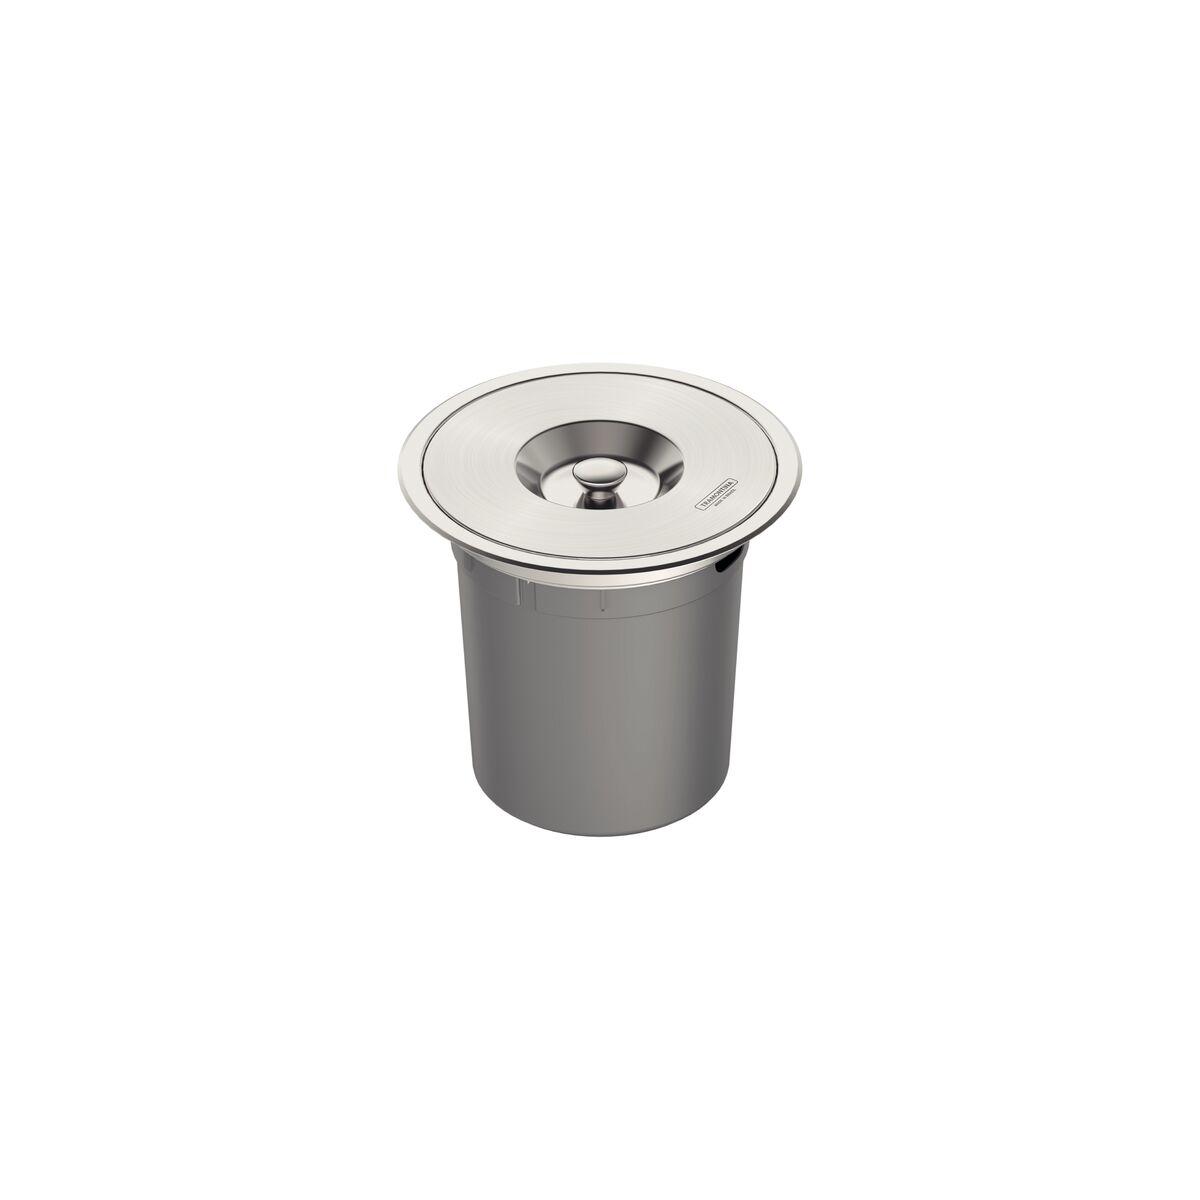 Basurero de empotrar Tramontina de acero inoxidable con balde plástico de 5 l